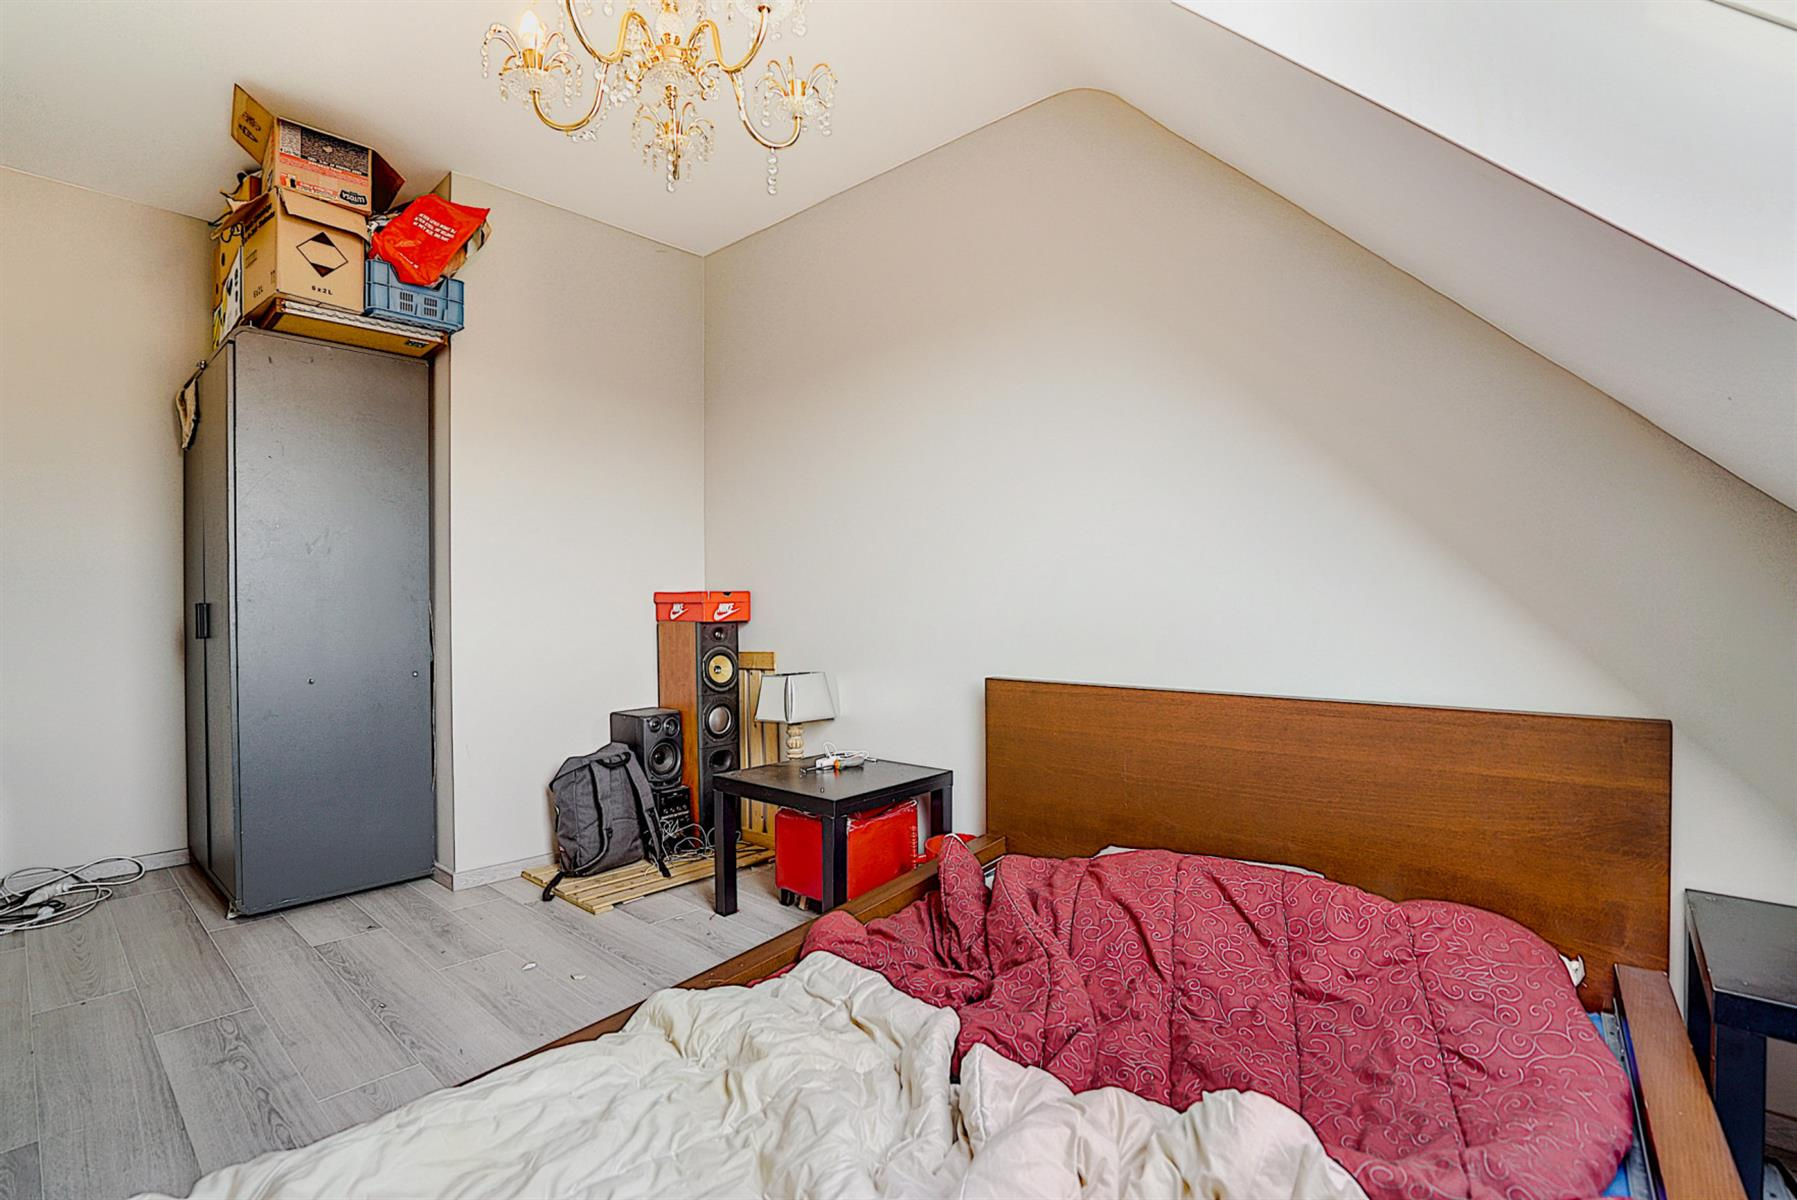 Appartement - Ottignies-louvain-la-neuve - #4342720-11